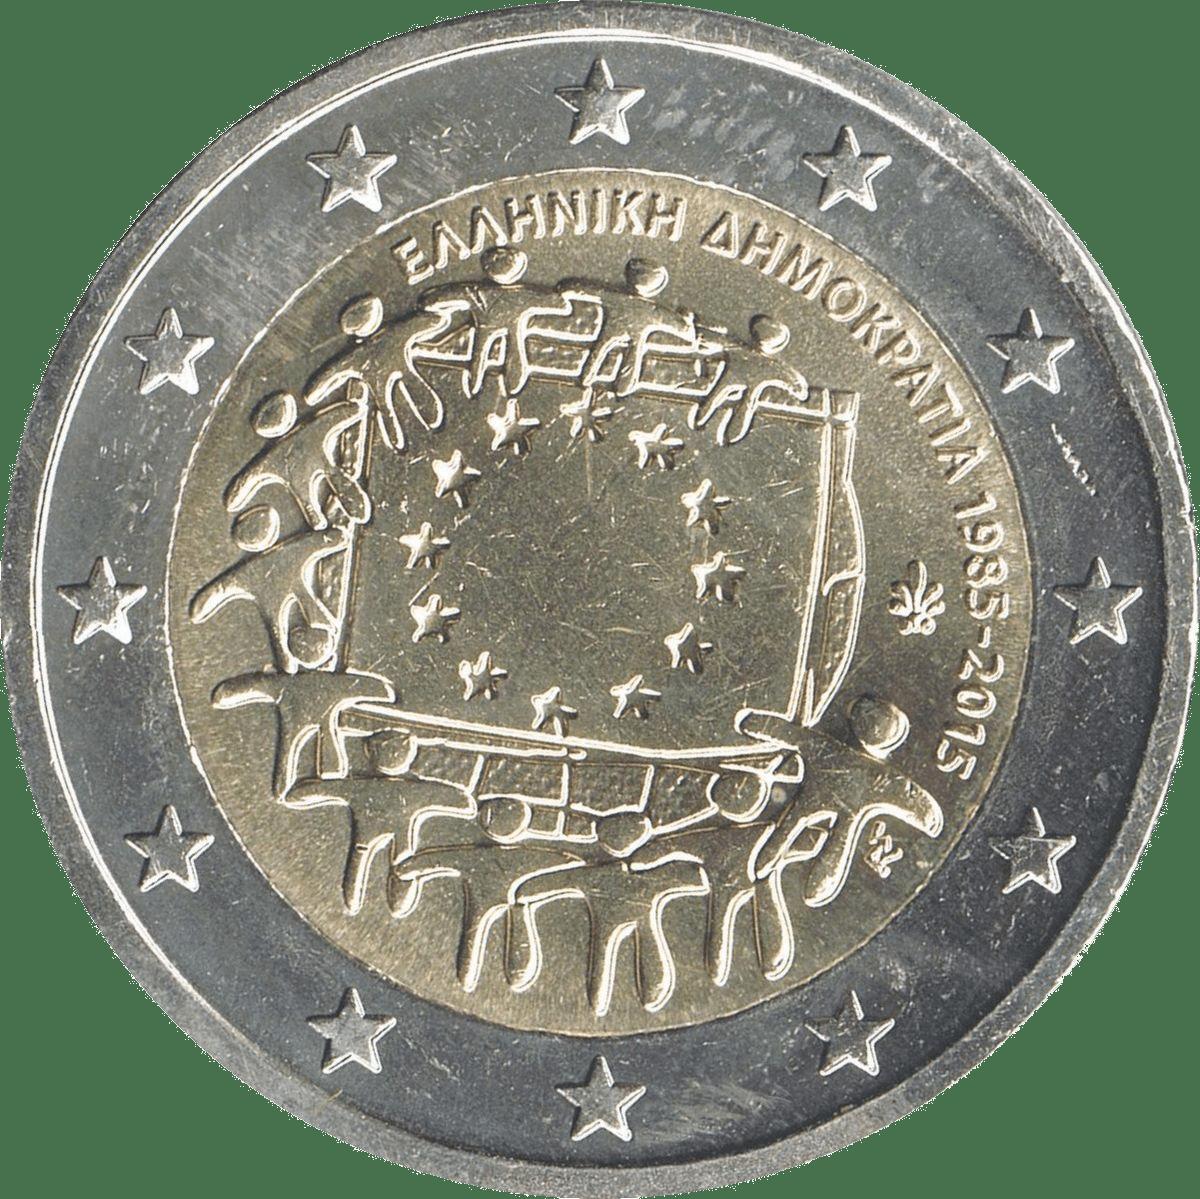 Zwei-Euro-Münze des griechischen Künstlers George Stamatopoulos